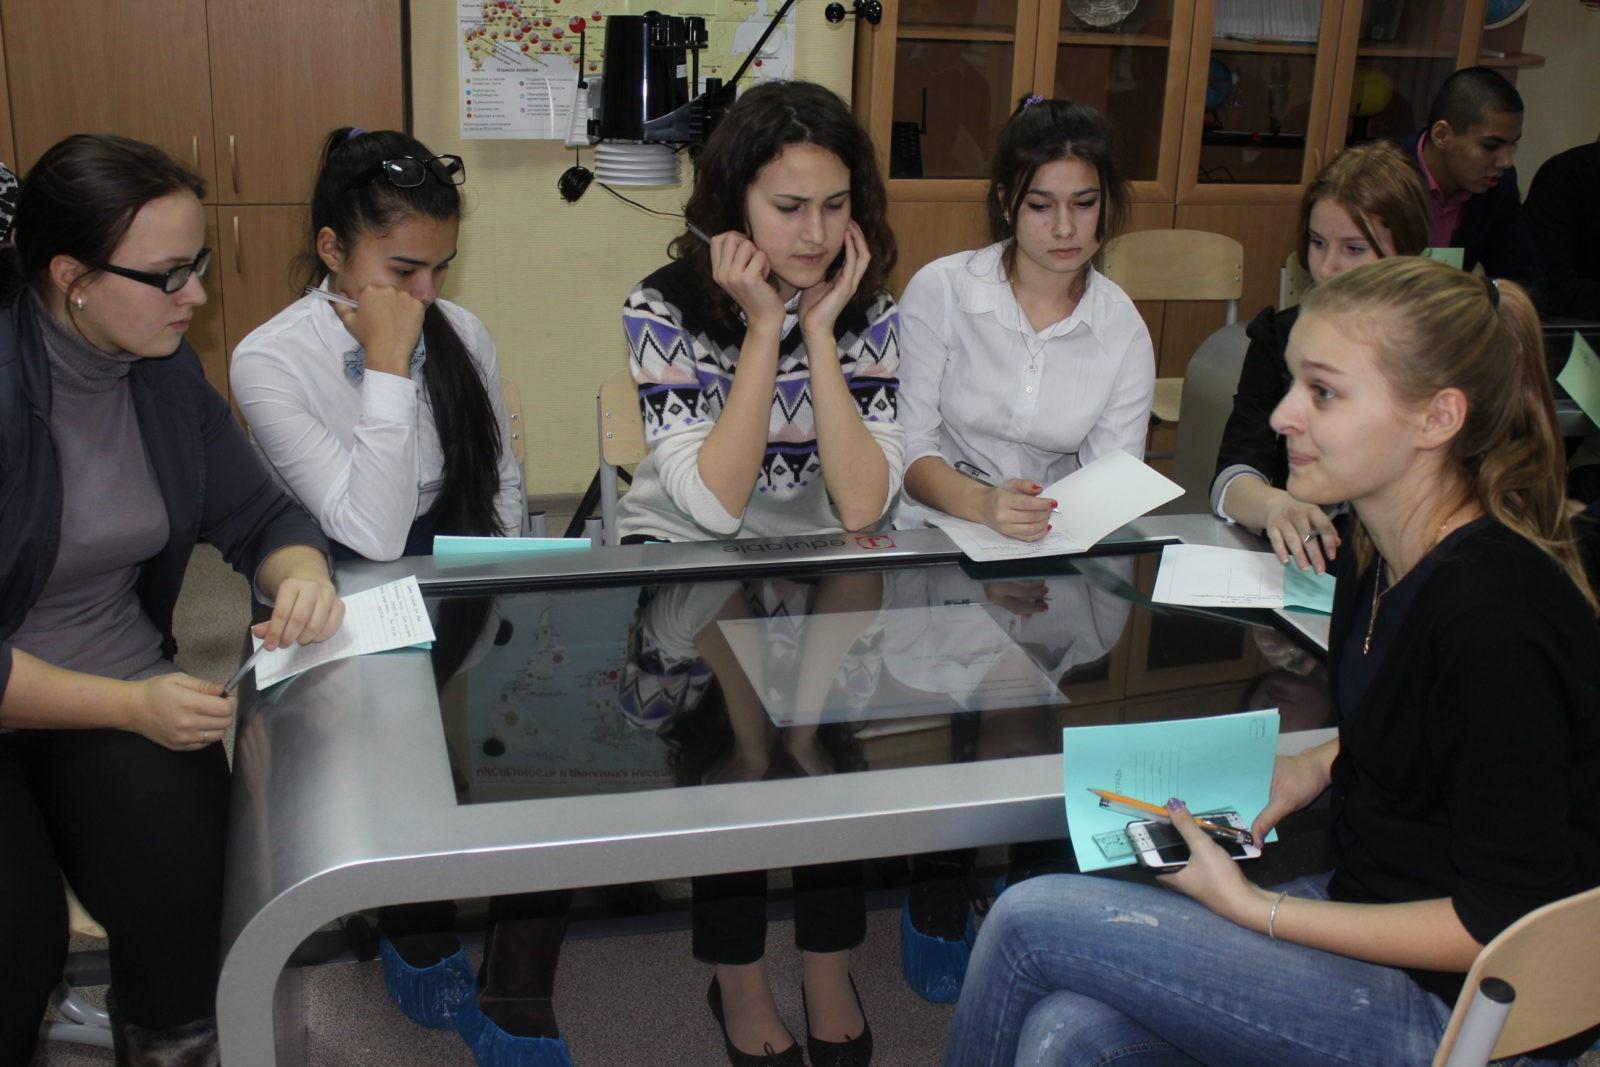 Депутаты Мосгордумы оценили образовательный процесс в школе №1547